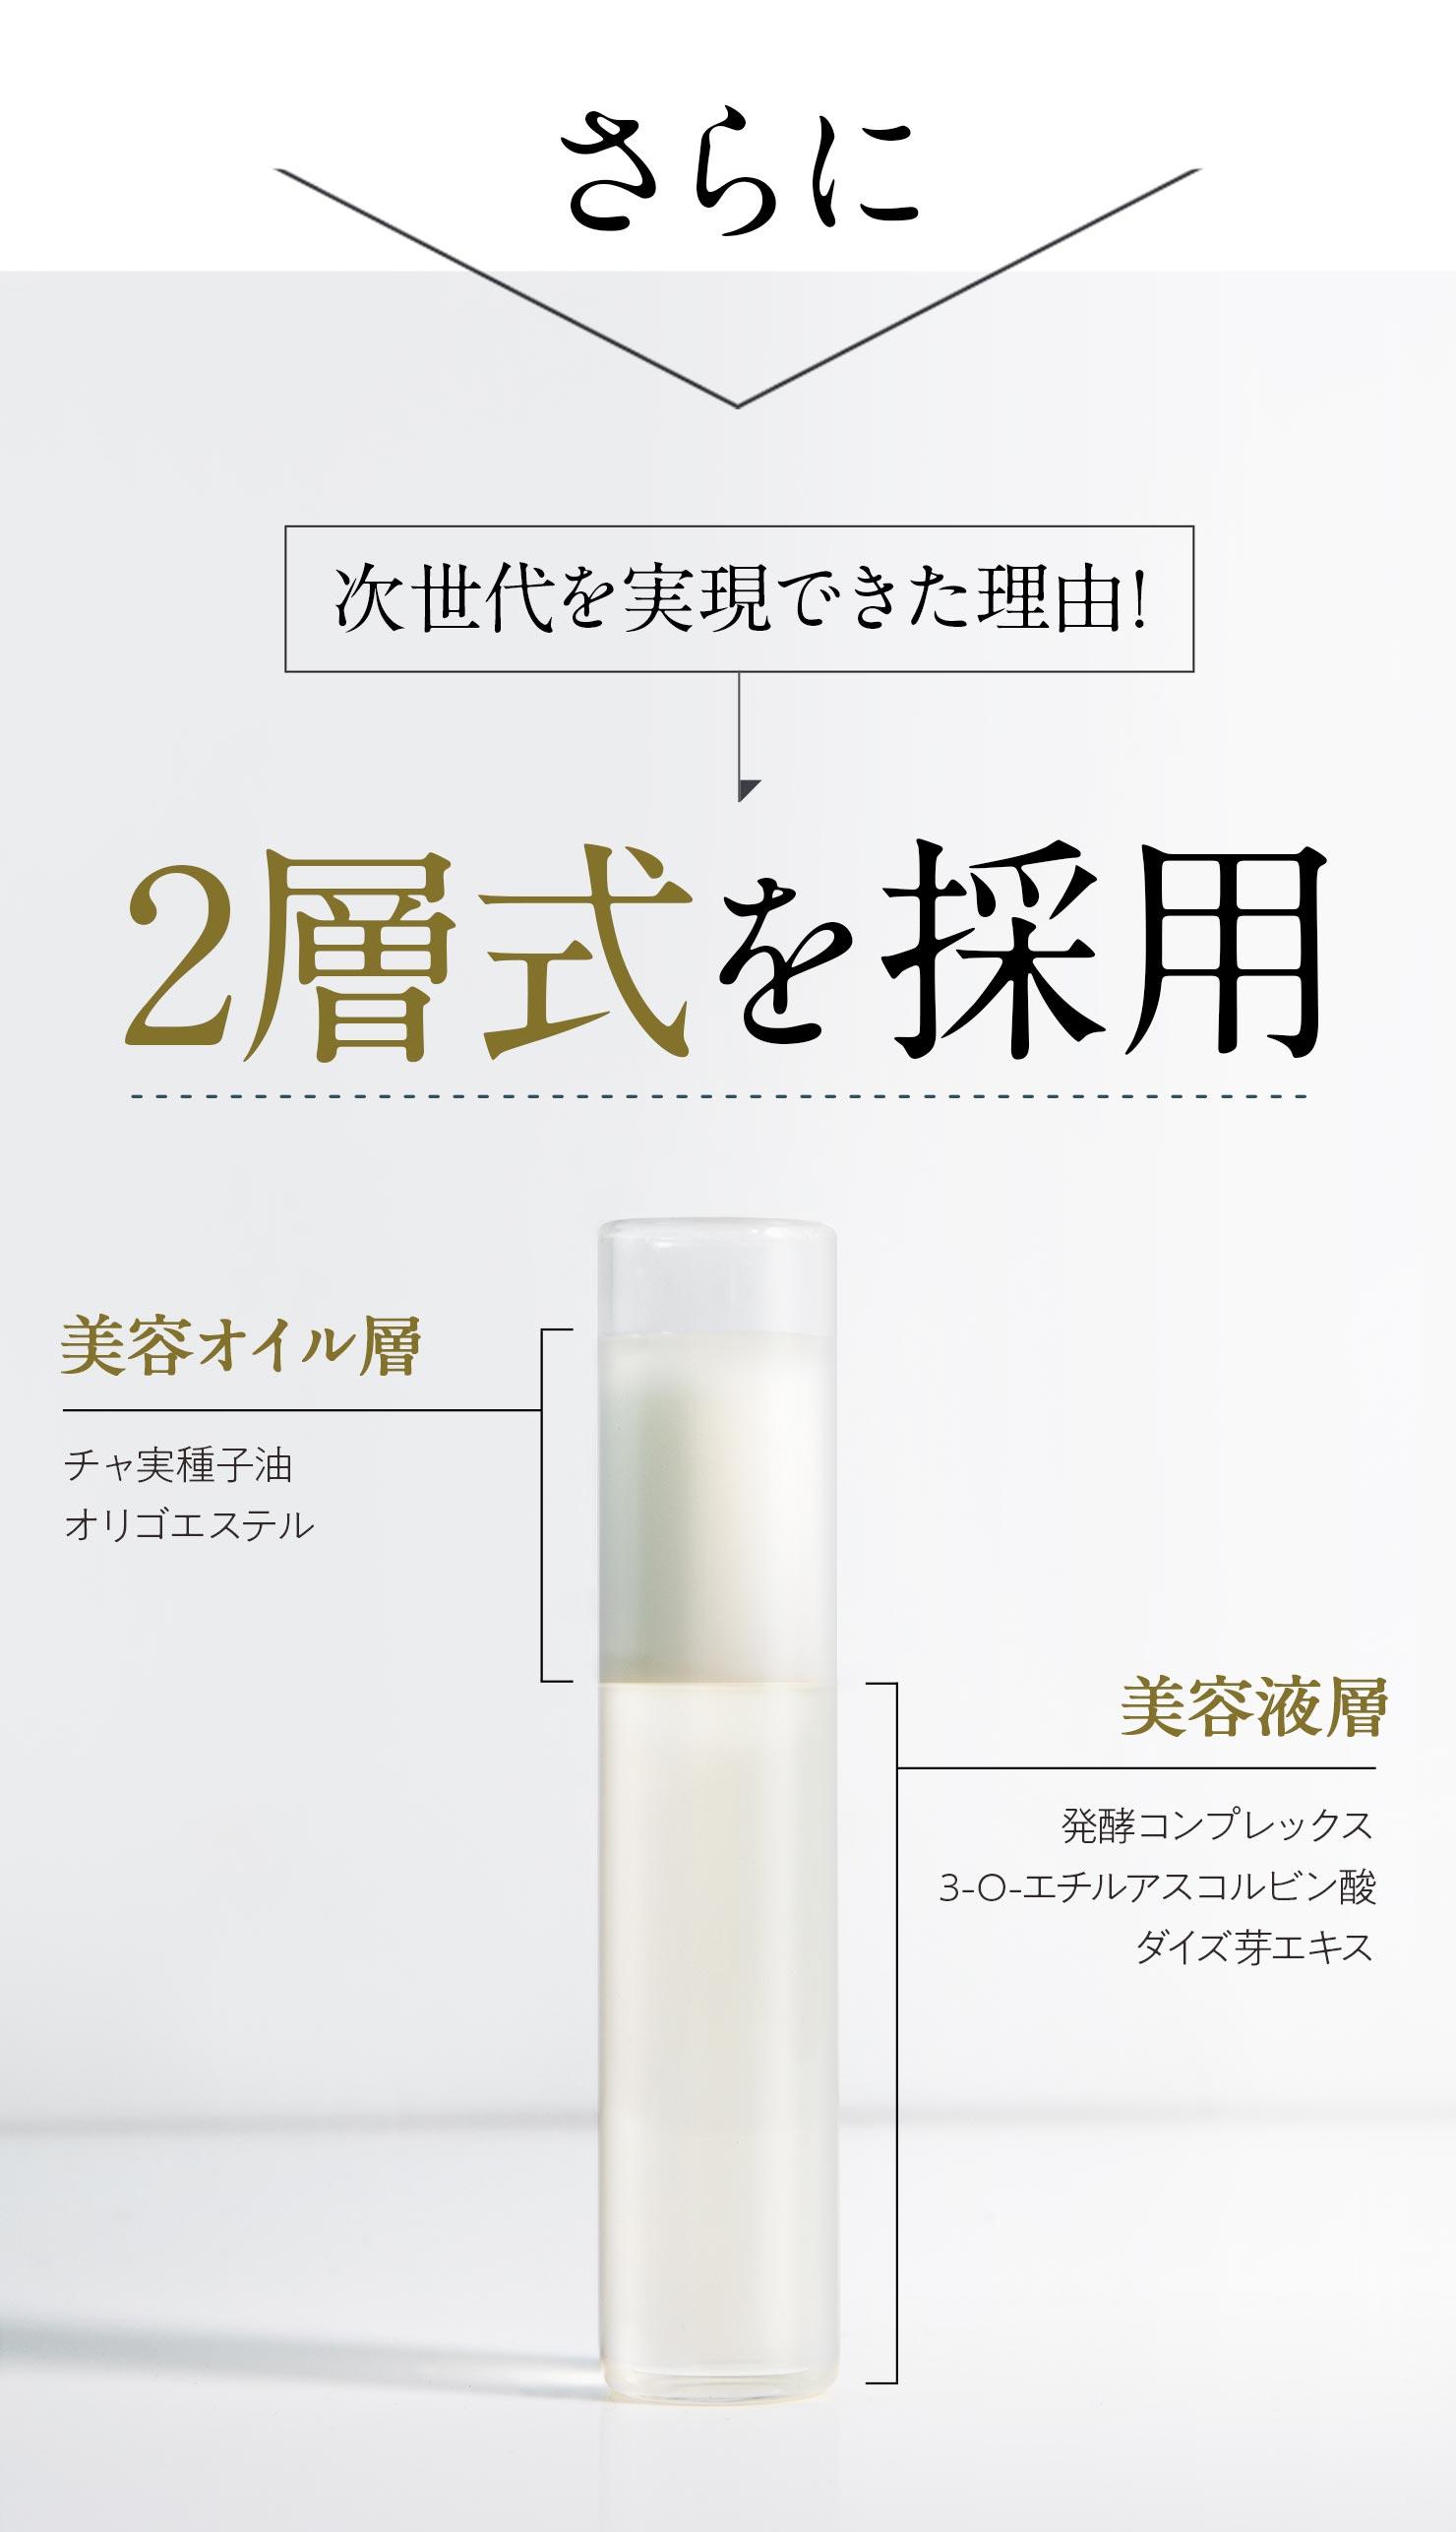 さらに【次世代を実現できた理由!】2層式を採用 [美容オイル層]チャ実種子油・オリゴエステル [美容液層]発酵コンプレックス・3-O-エチルアスコルビン酸・ダイズ芽エキス